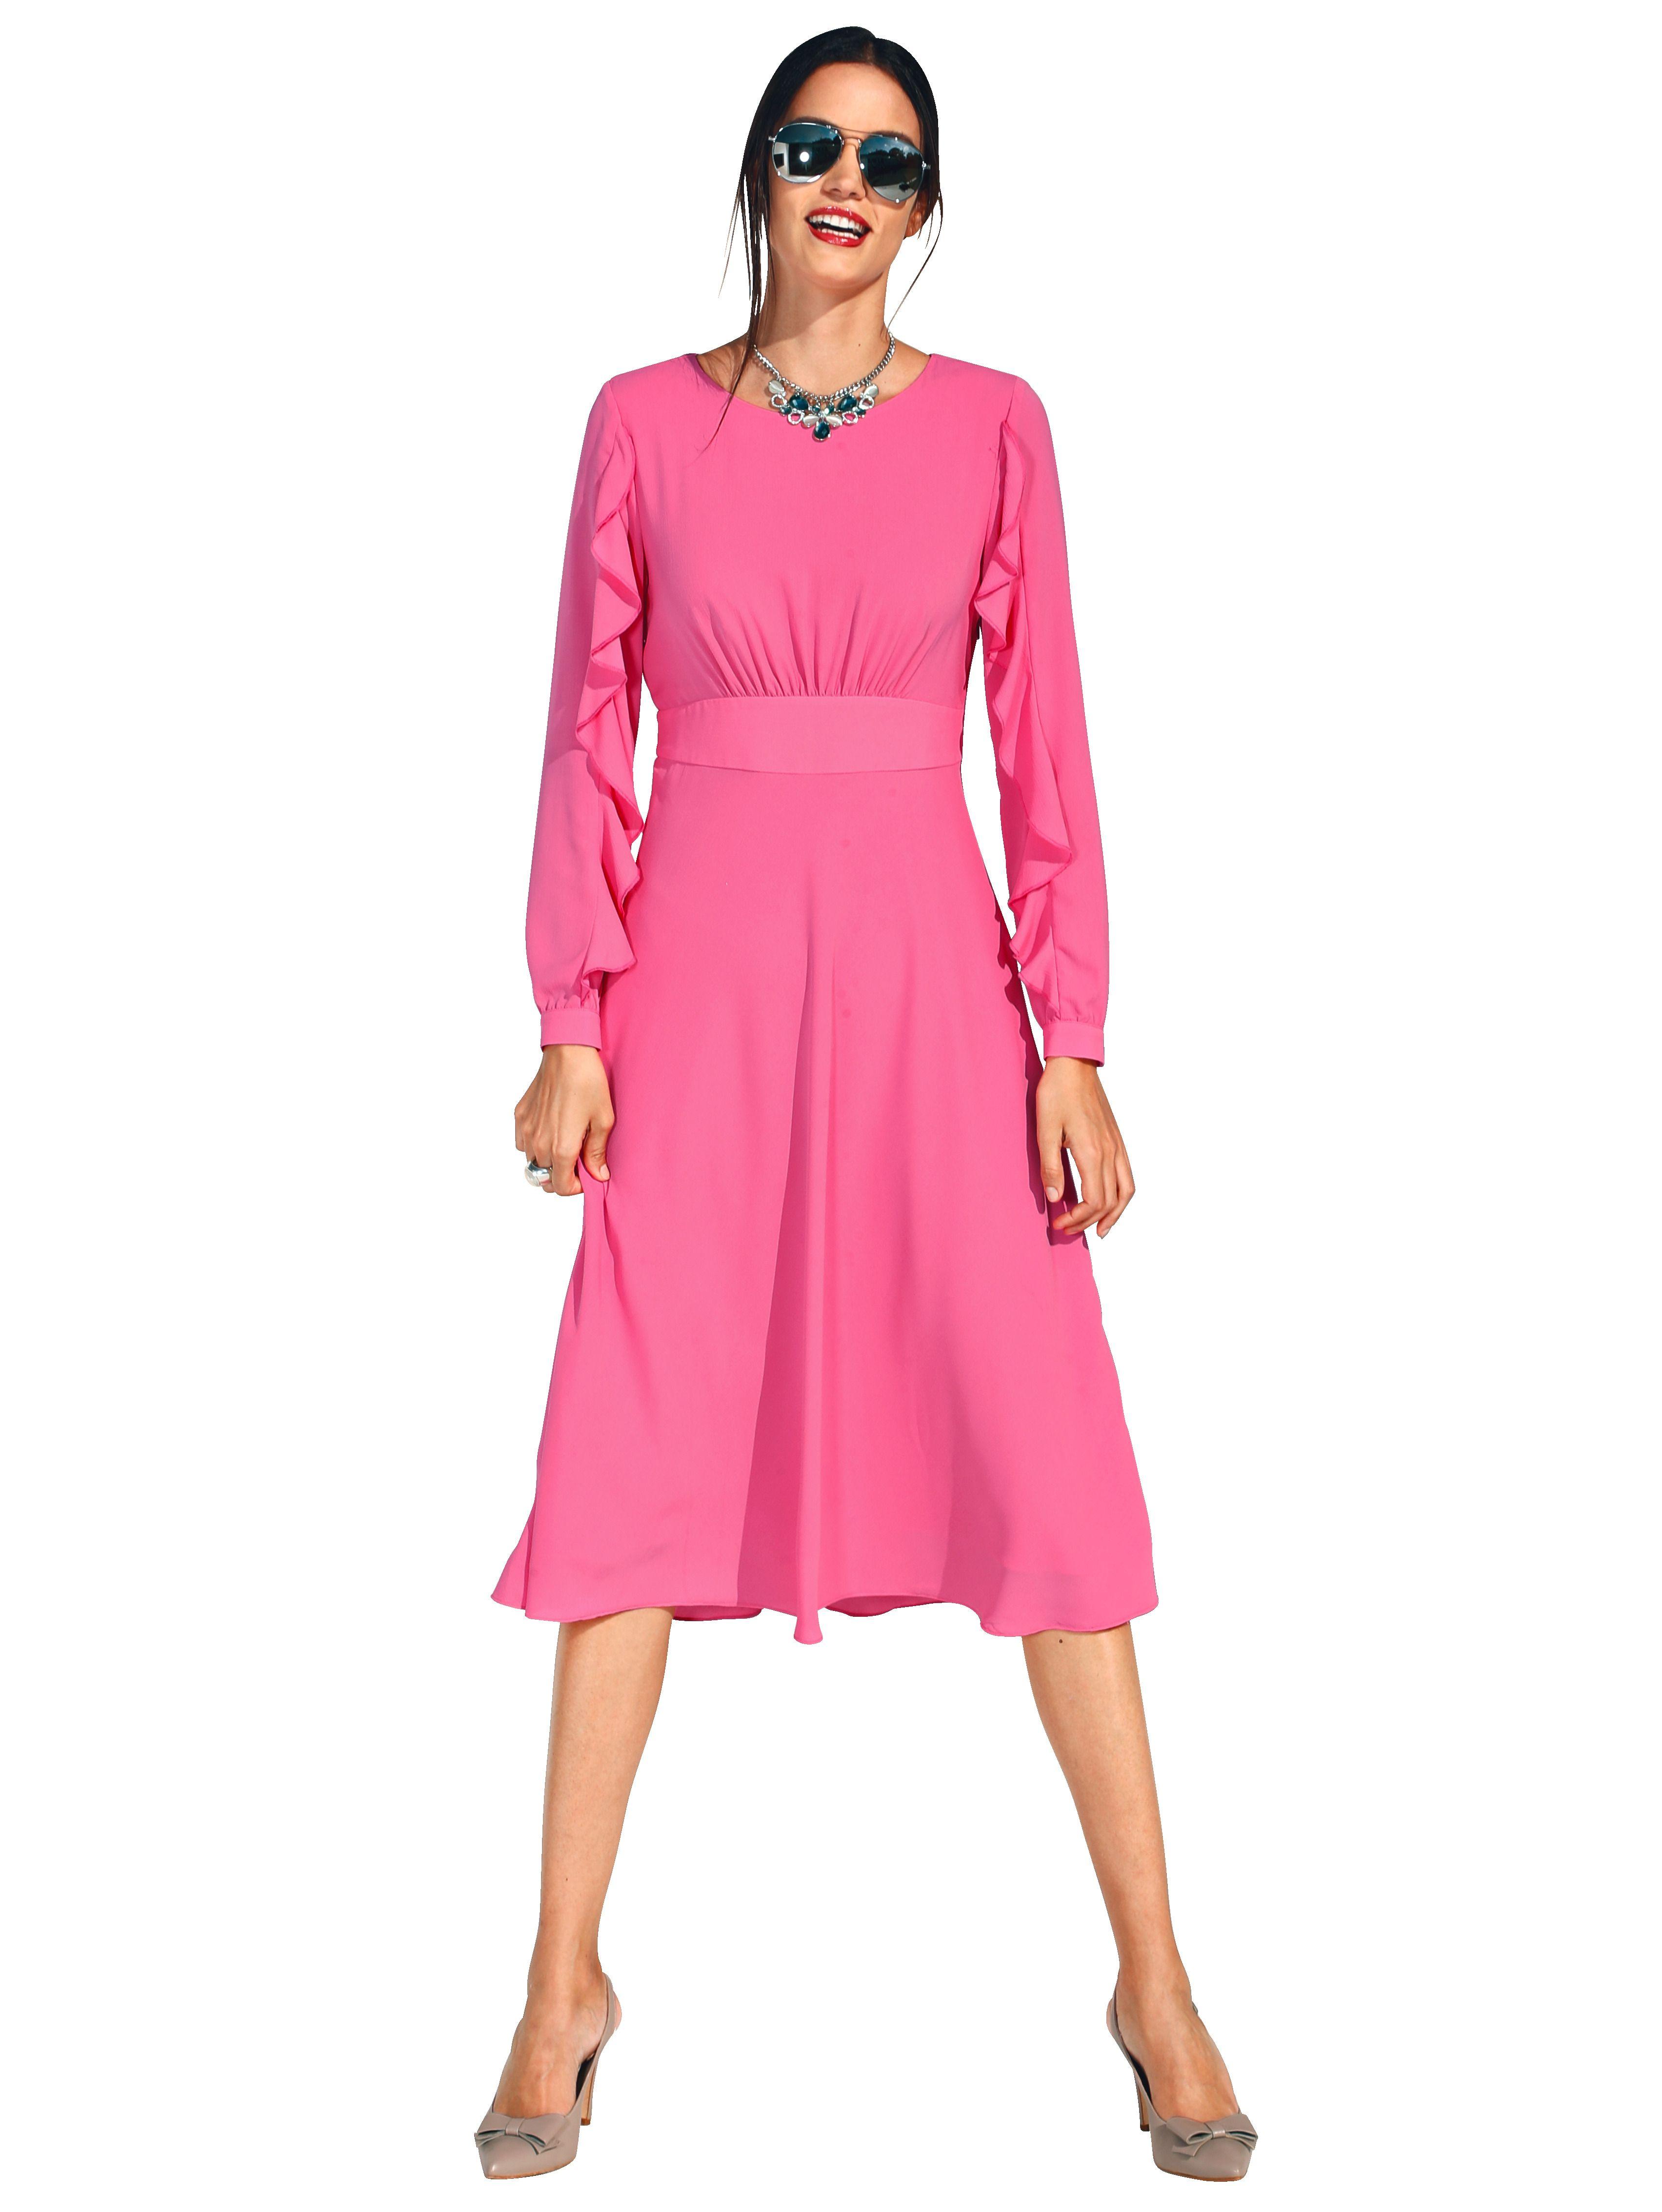 ac0afb54304 Elegante Abendkleider Kurz Langamp  Moda KleiderAlba 15 Trend OuPXZik